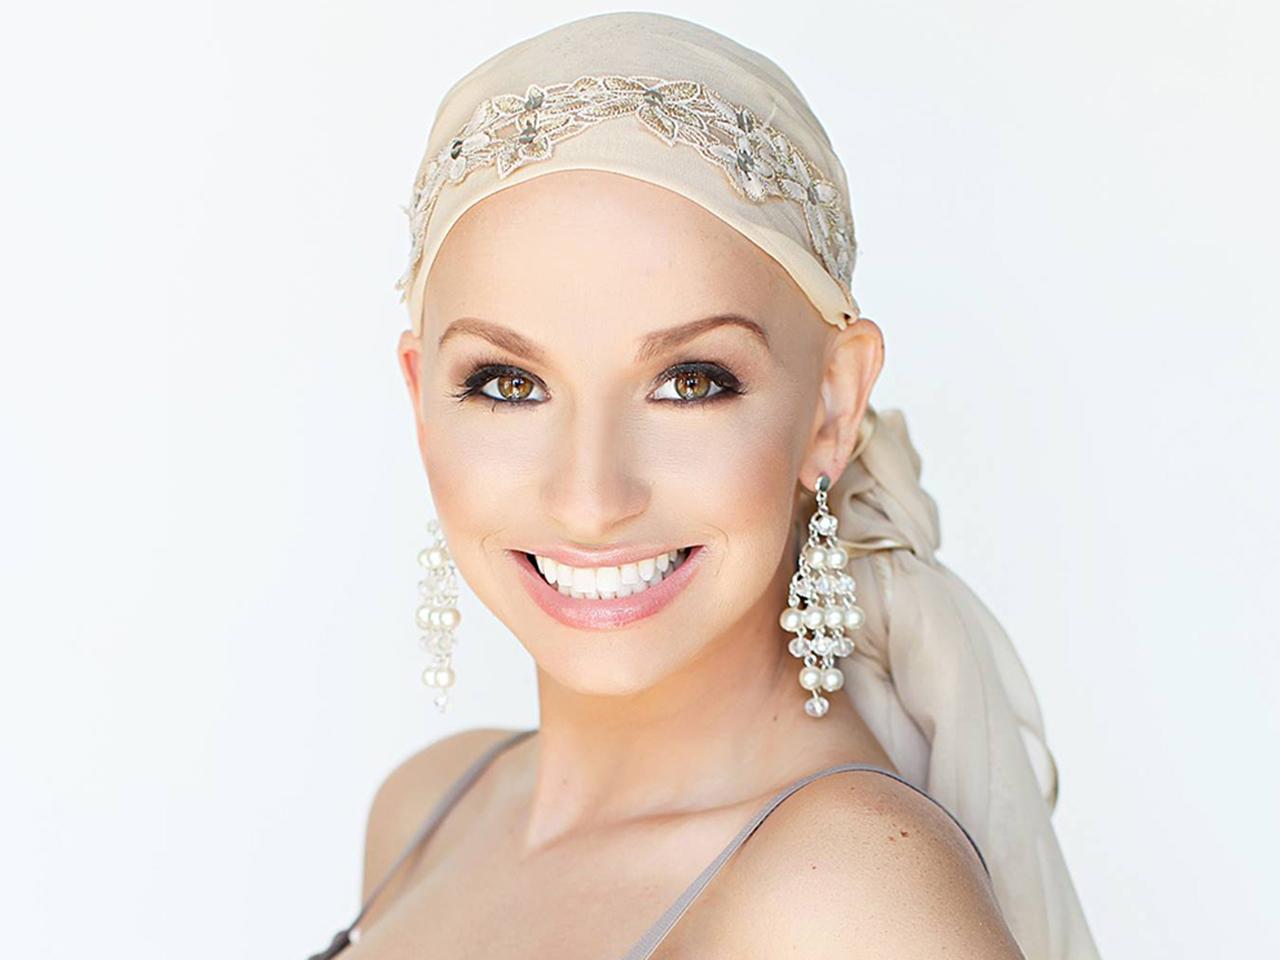 Miss Arizona contestant battles rare form of cancer - TODAY.com